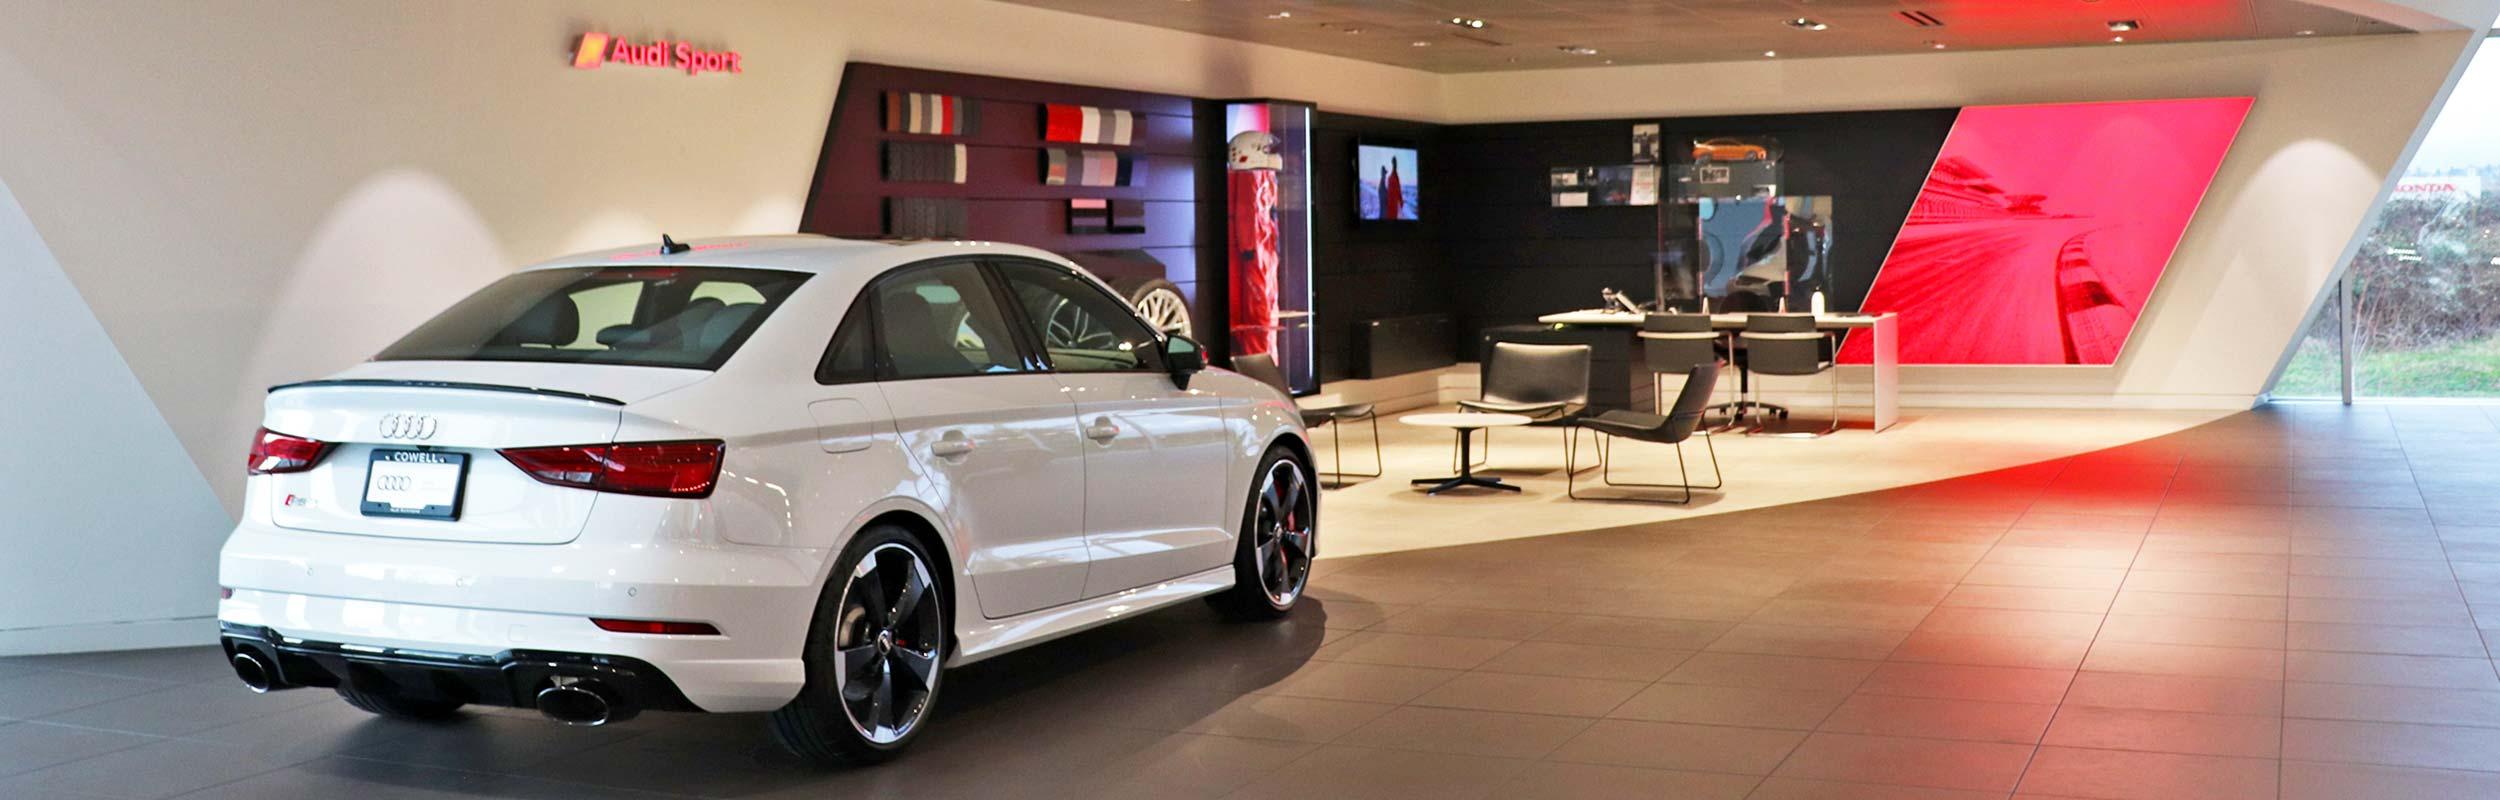 Audi Sport Showroom at Audi Richmond